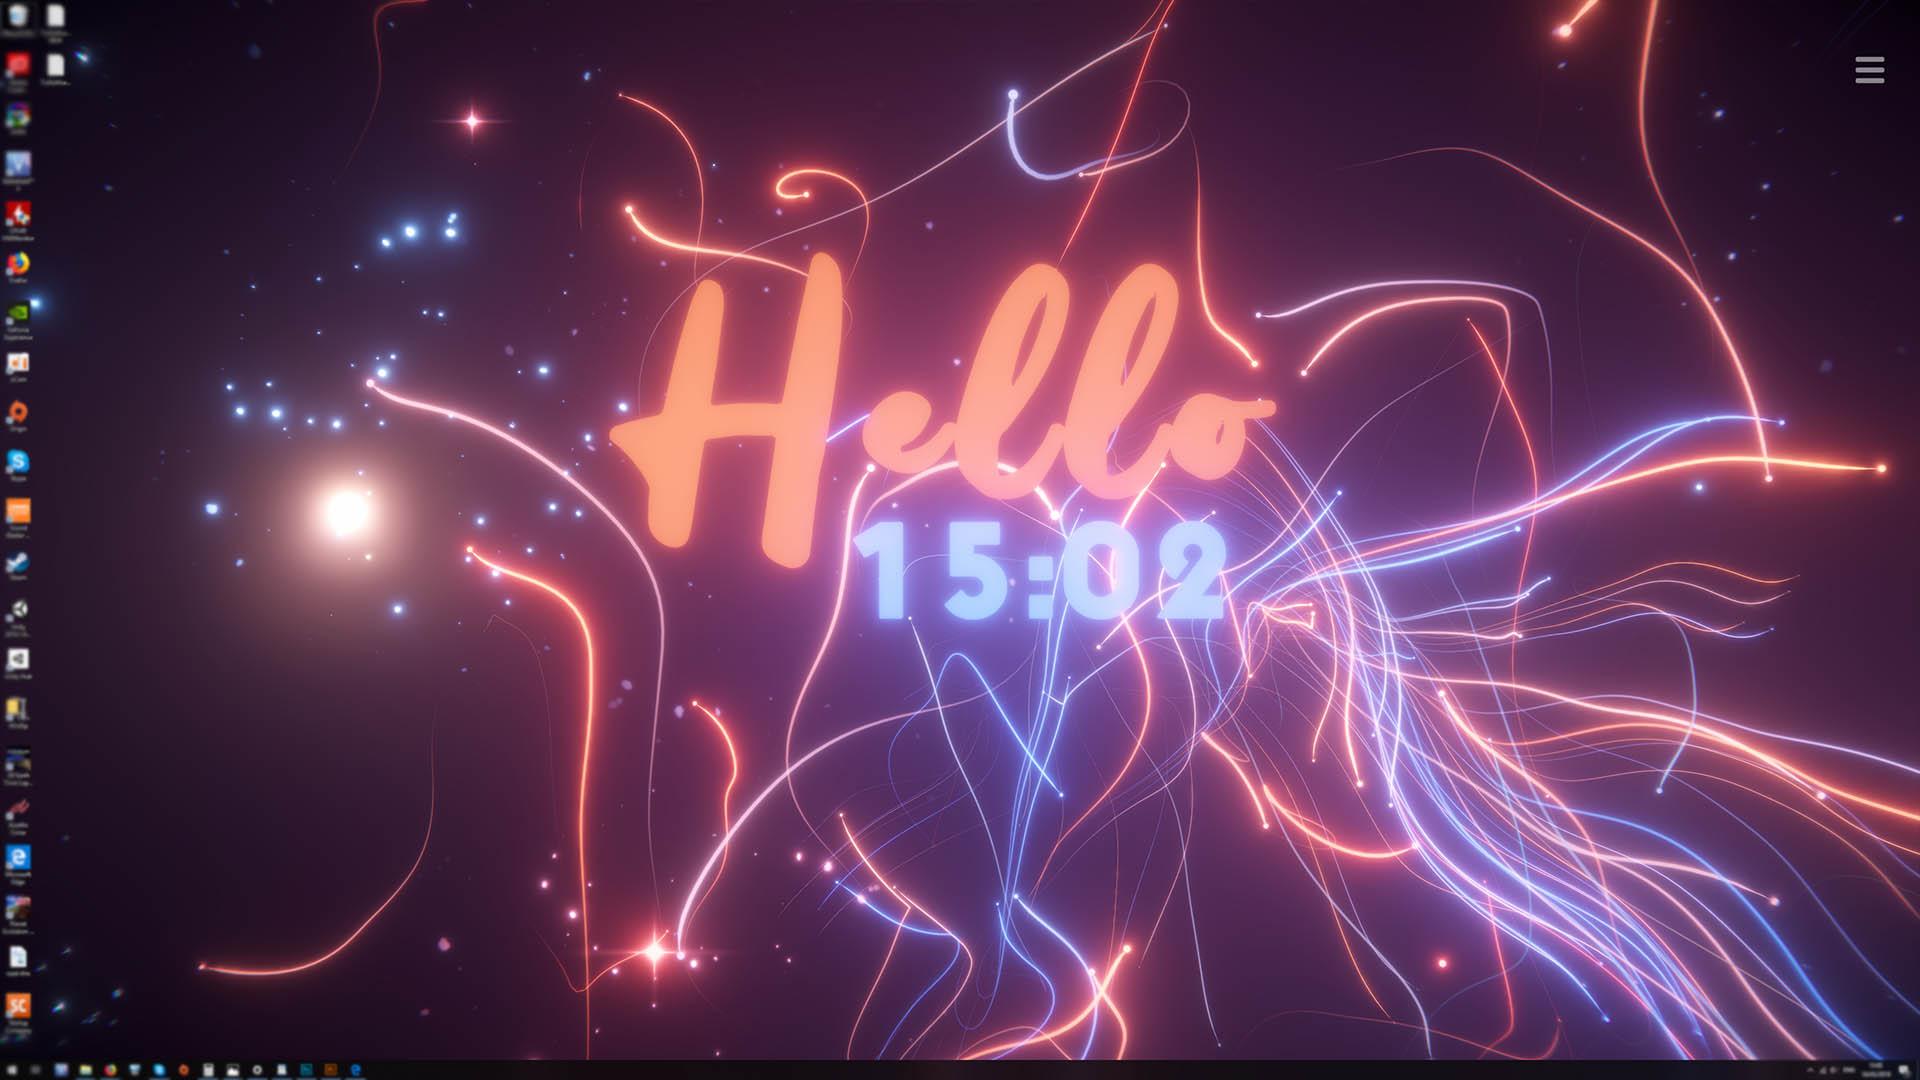 Neon Fonds D Ecran Animes 3d Hd 1920x1080 Wallpapertip